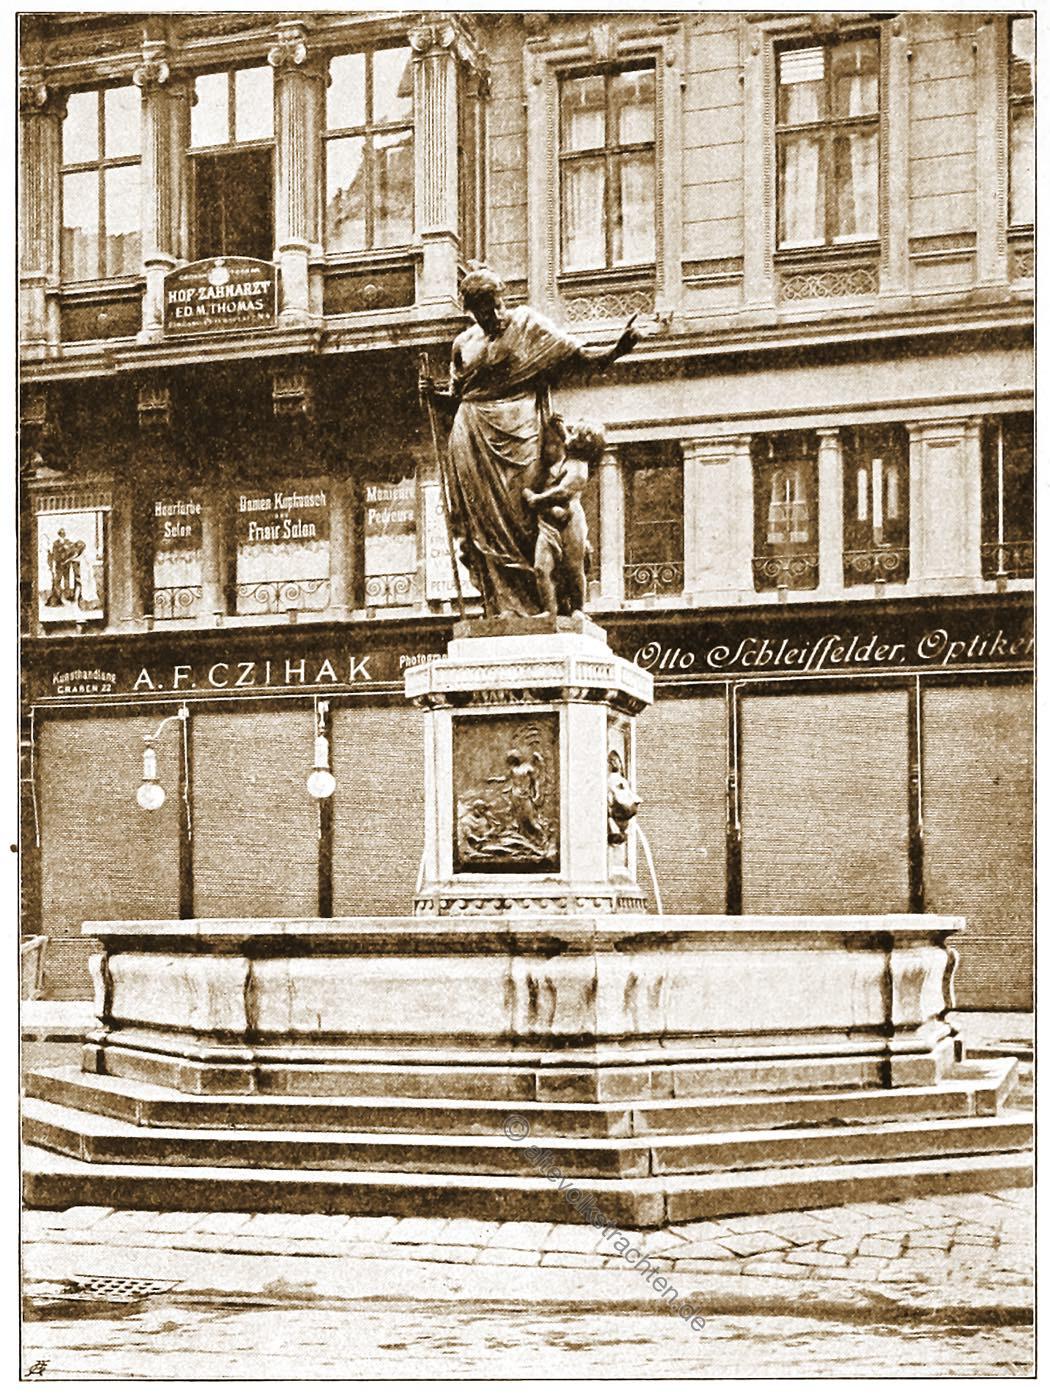 Brunnenfigur, Josef, J. M. Fischer, Wien, Brunnen, Österreich, Architektur, Hartwig Fischel,